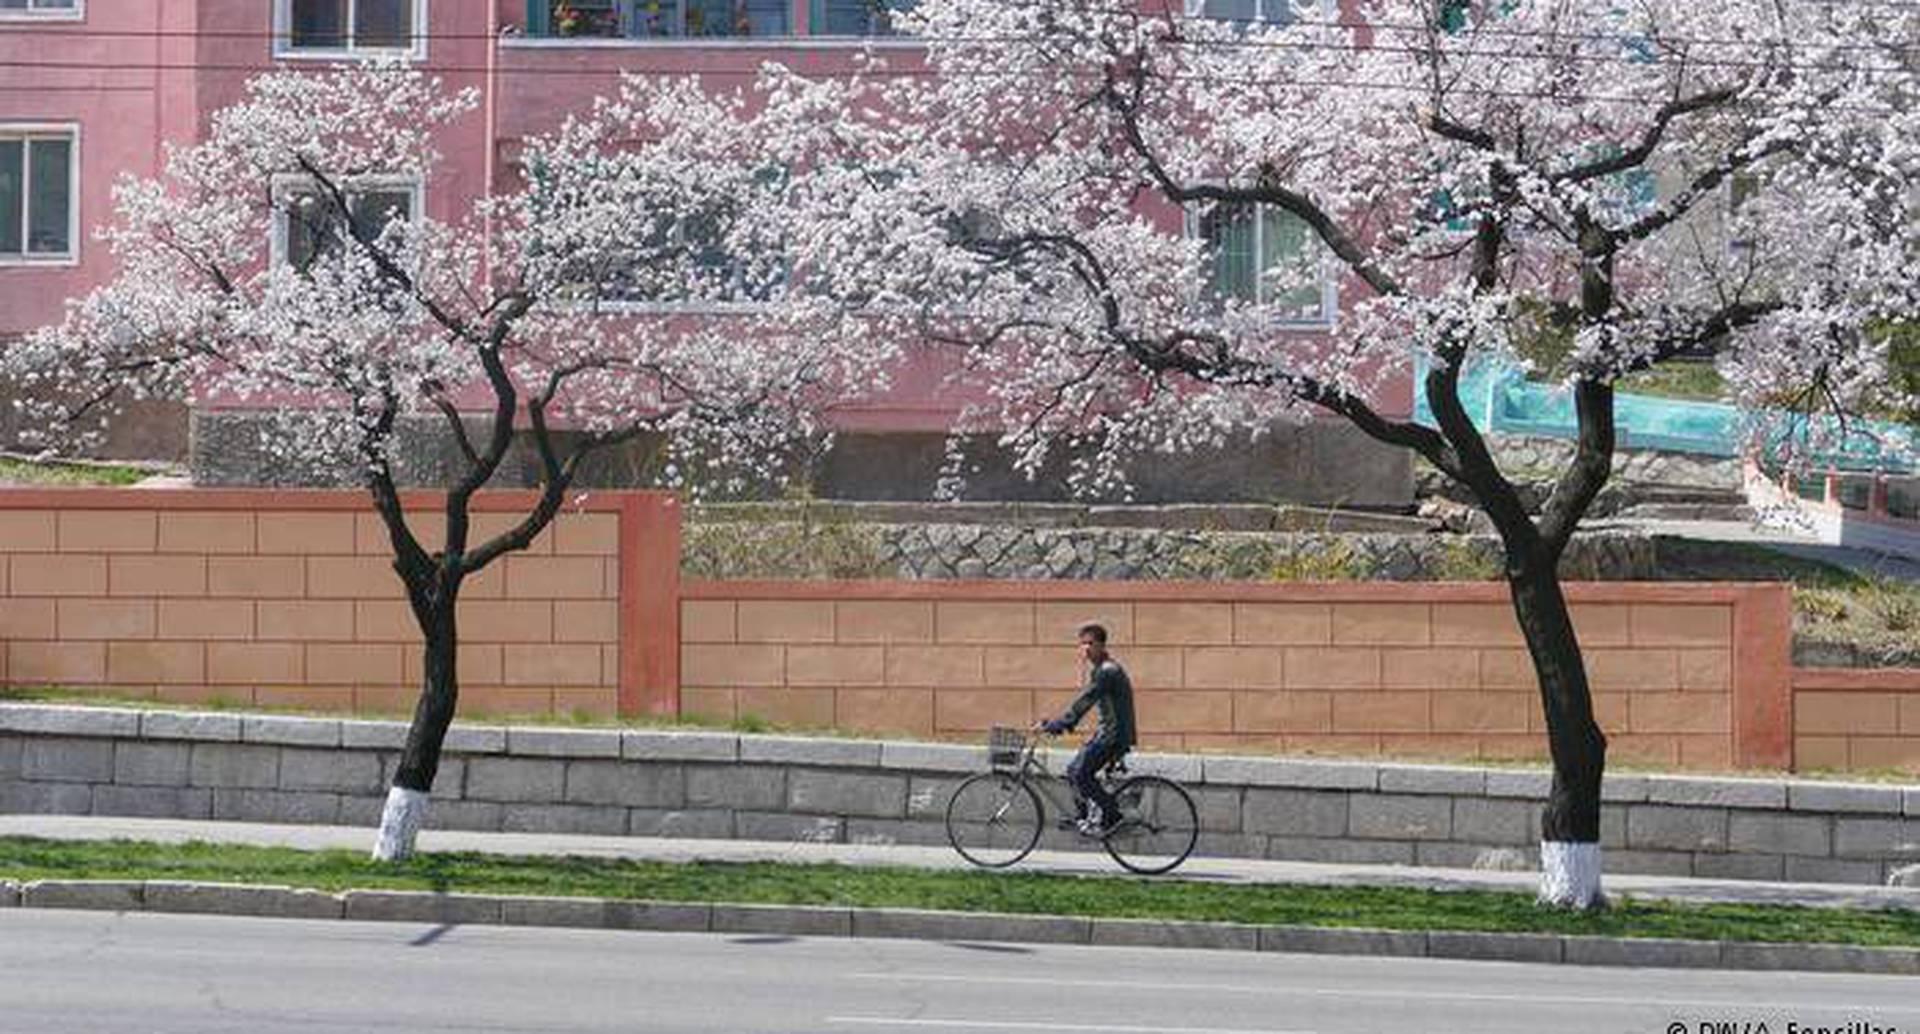 Los edificios en Pyongyang están pintados de vivos colores que dan un aire único y alegre a la ciudad. La sakura o floración de cerezos que conocemos gracias a Japón contribuye a la variedad cromática. El número creciente de coches en calles que años atrás estaban vacías convive con la clásica bicicleta. Foto: DW